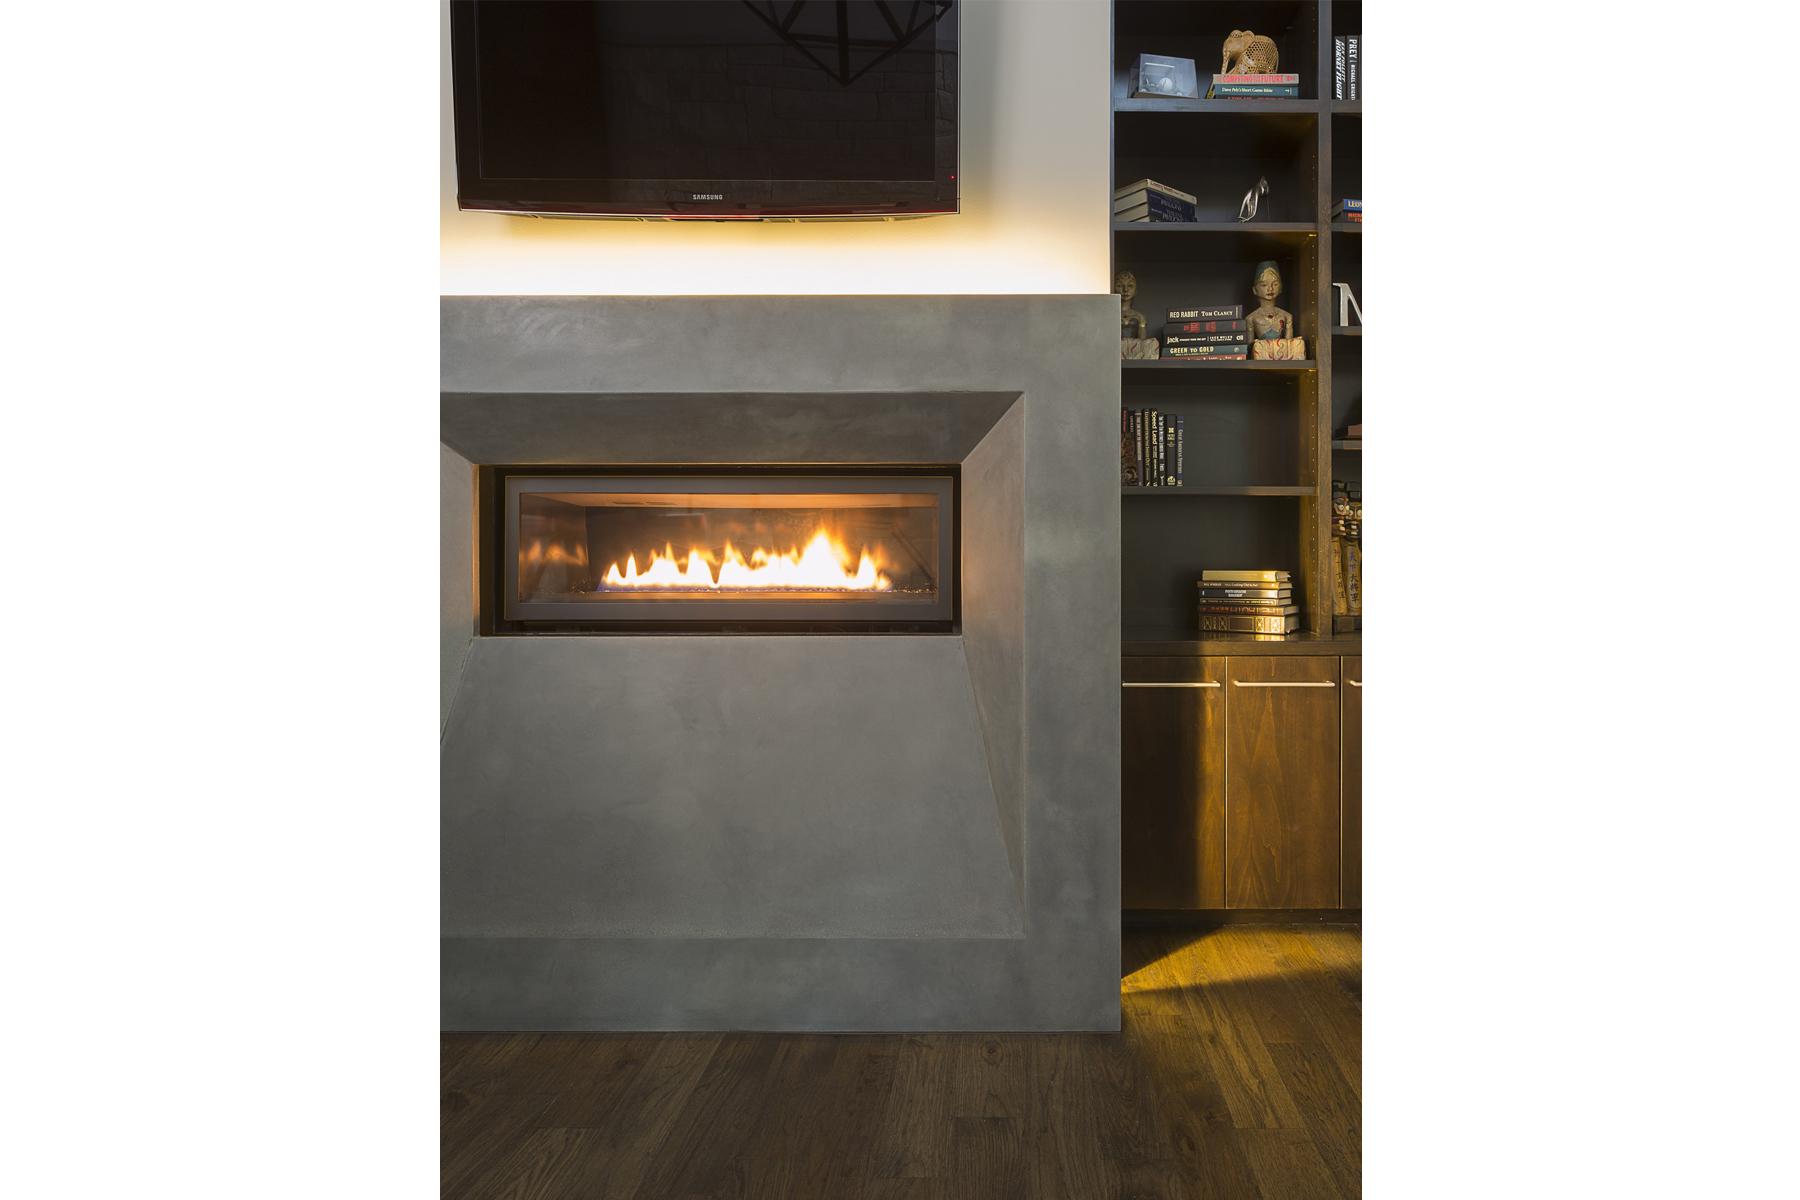 StratfordResidence-30-fireplace